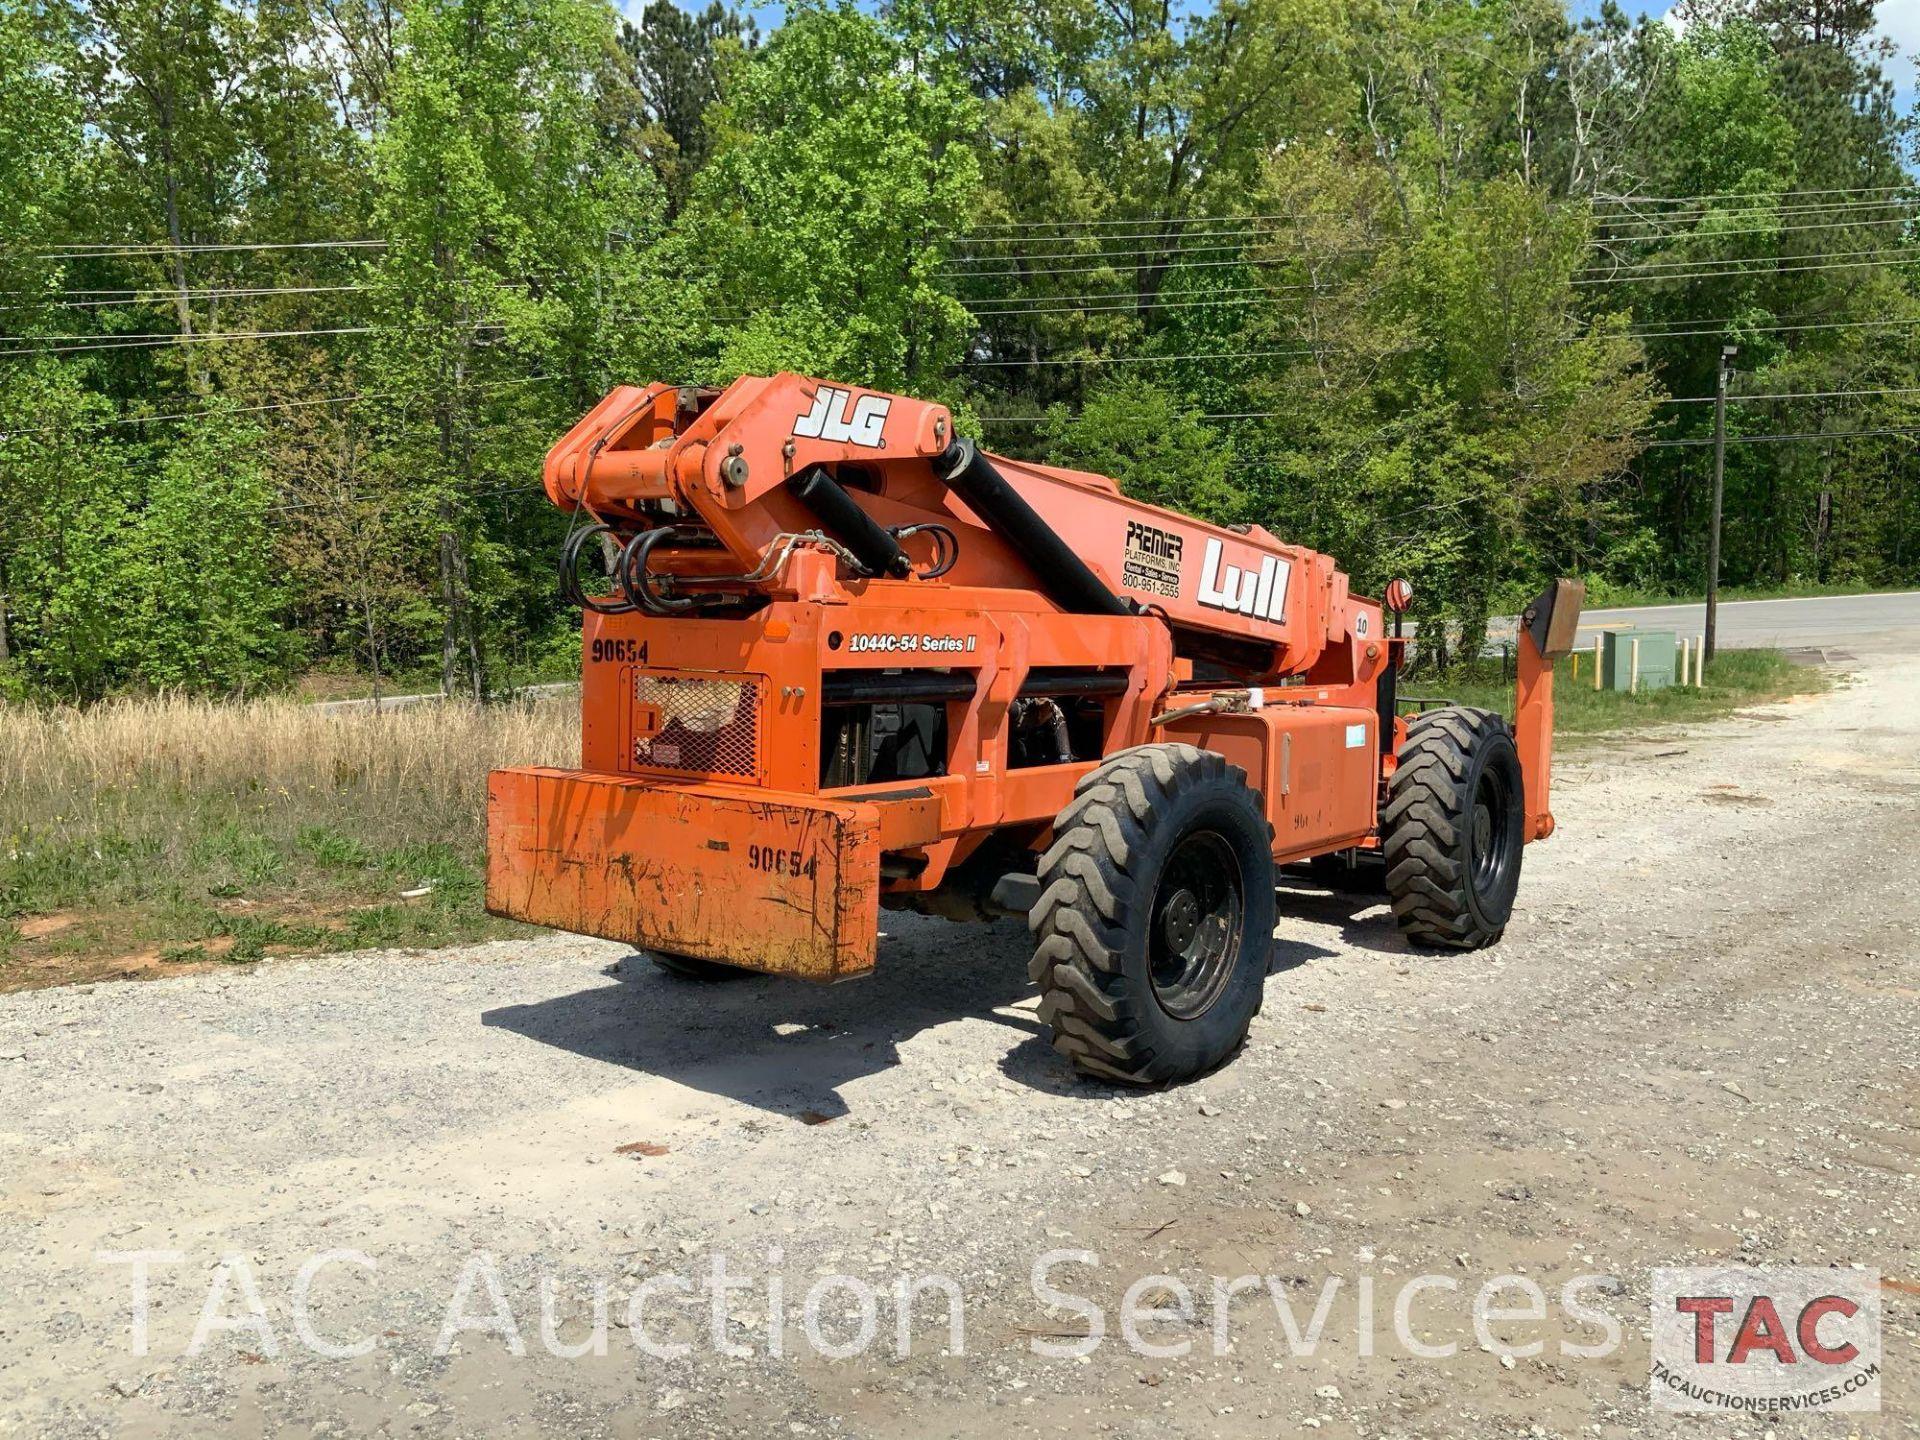 2007 JLG LULL Telehander Forklift - Image 8 of 25